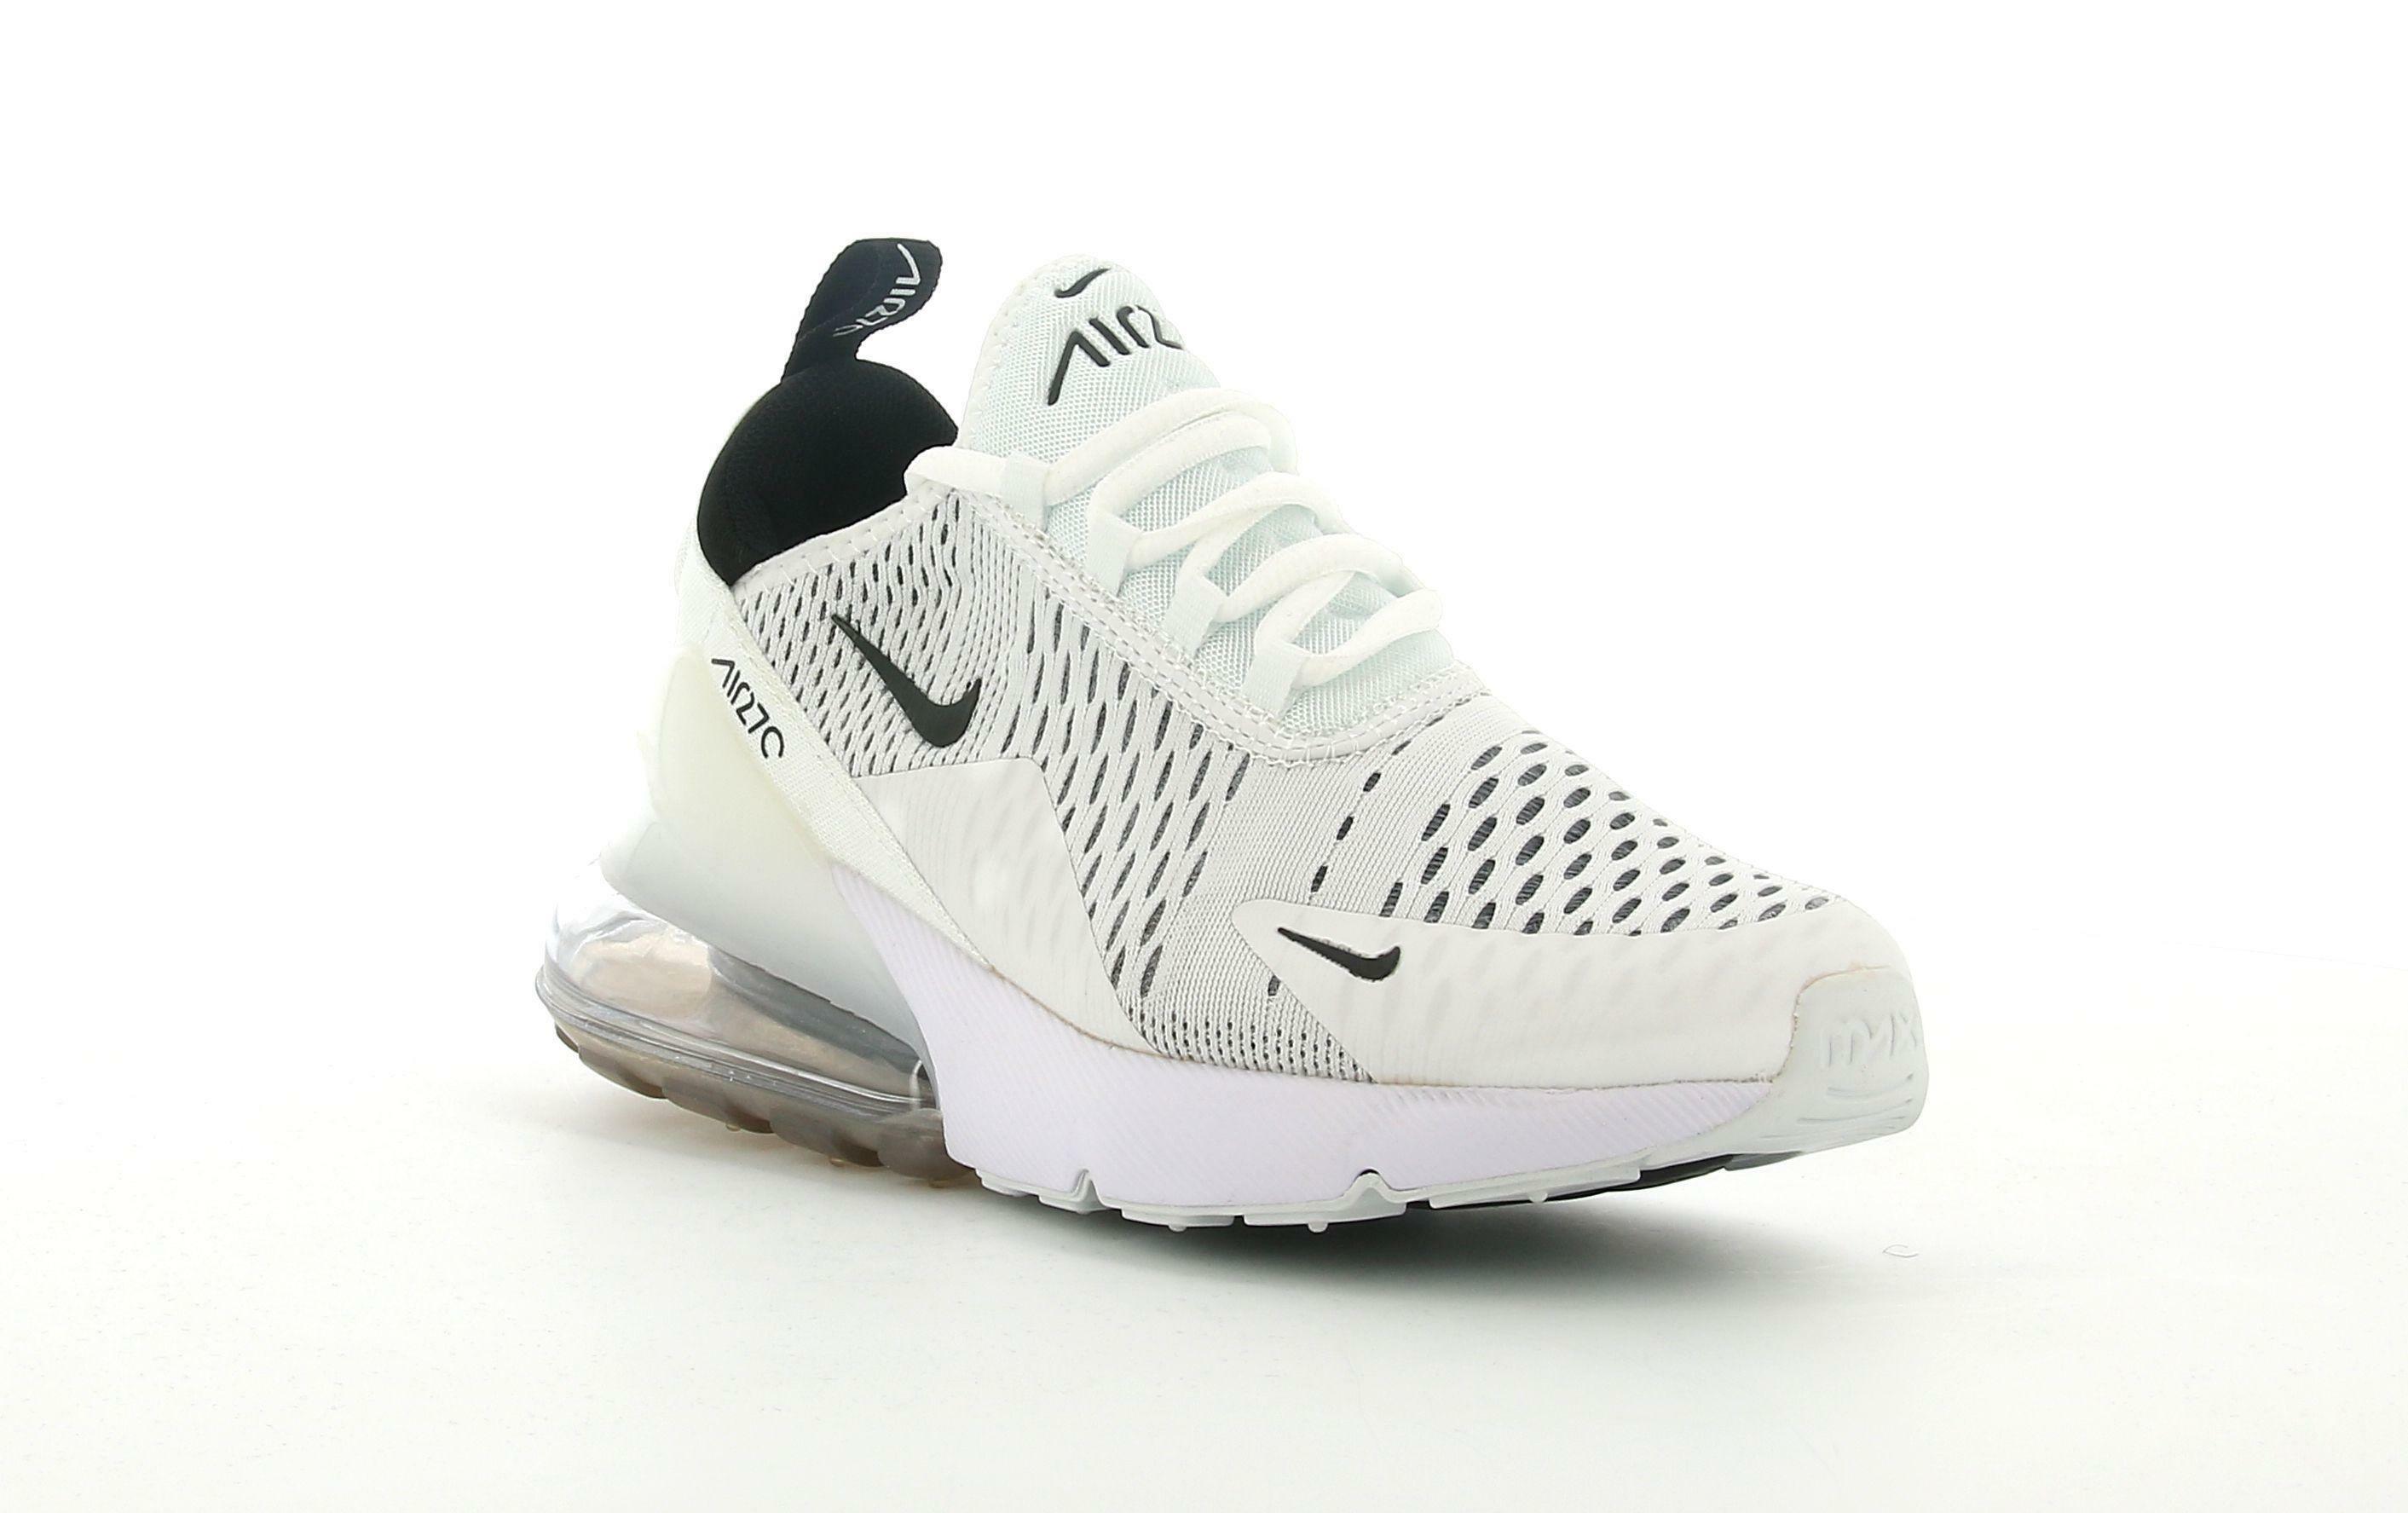 nike nike w air max 270 ah6789 100 sneaker bassa donna bianca